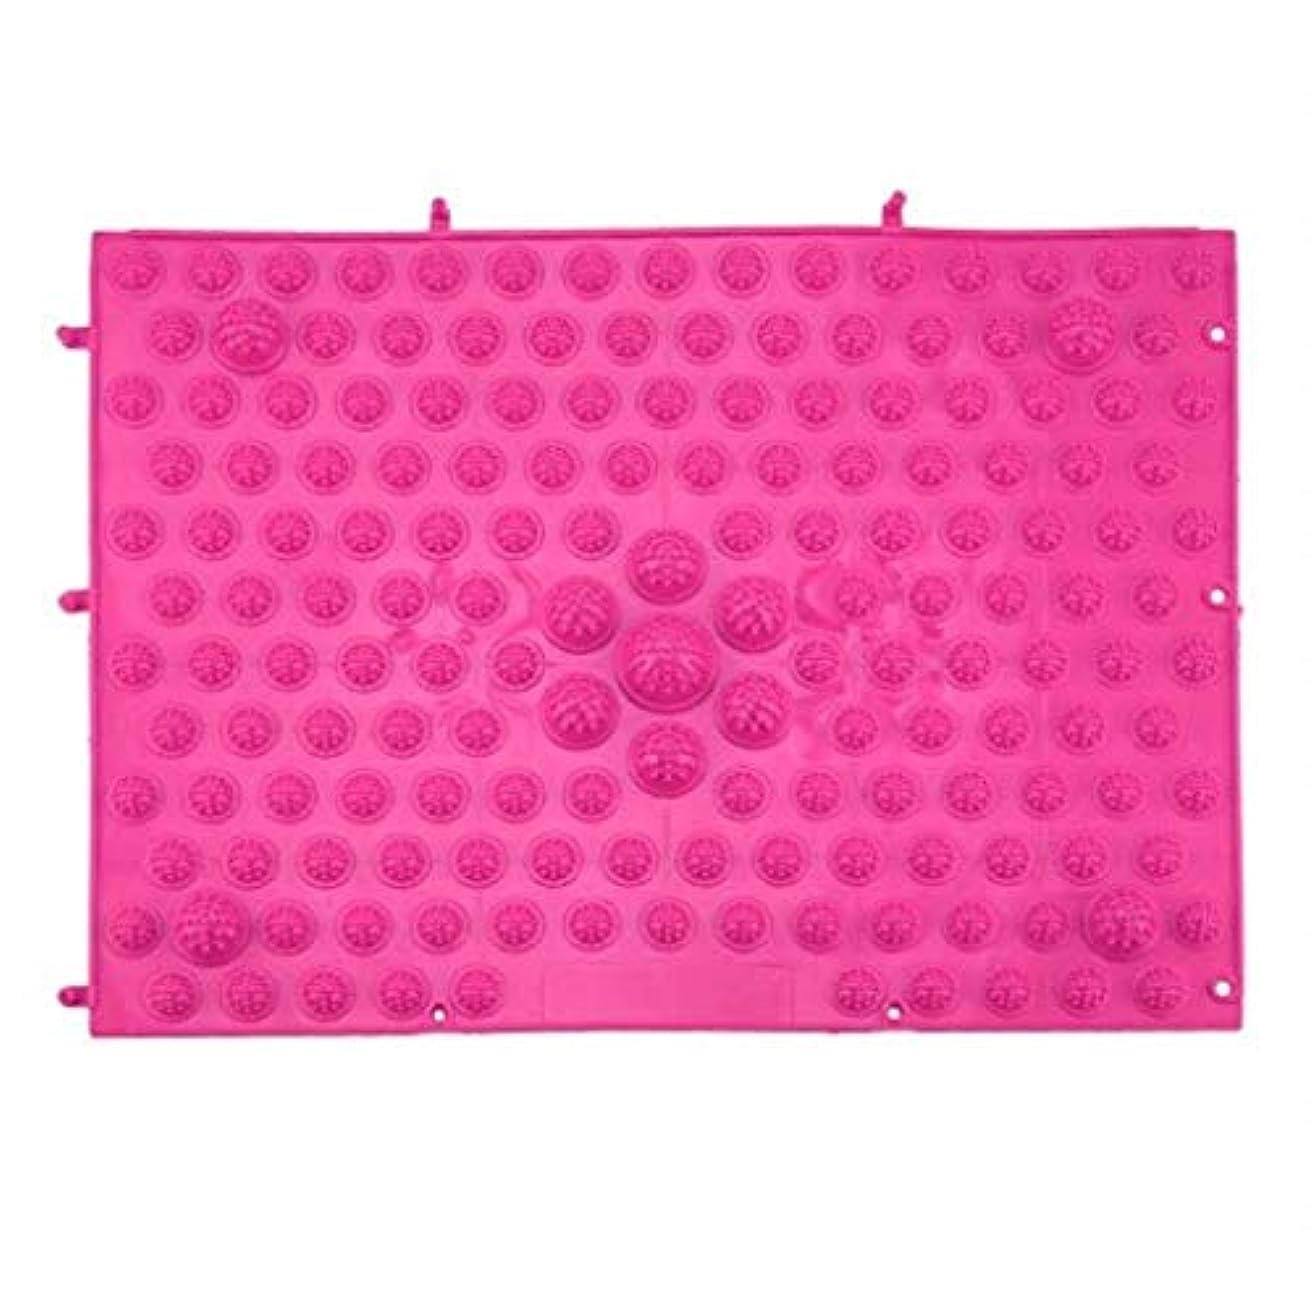 無駄約設定提案するマッサージクッション、指圧フットパッド、リフレクソロジーウォーキングマッサージパッド、痛みを和らげ、筋肉をリラックス37x27.5cm (Color : Rose Red)